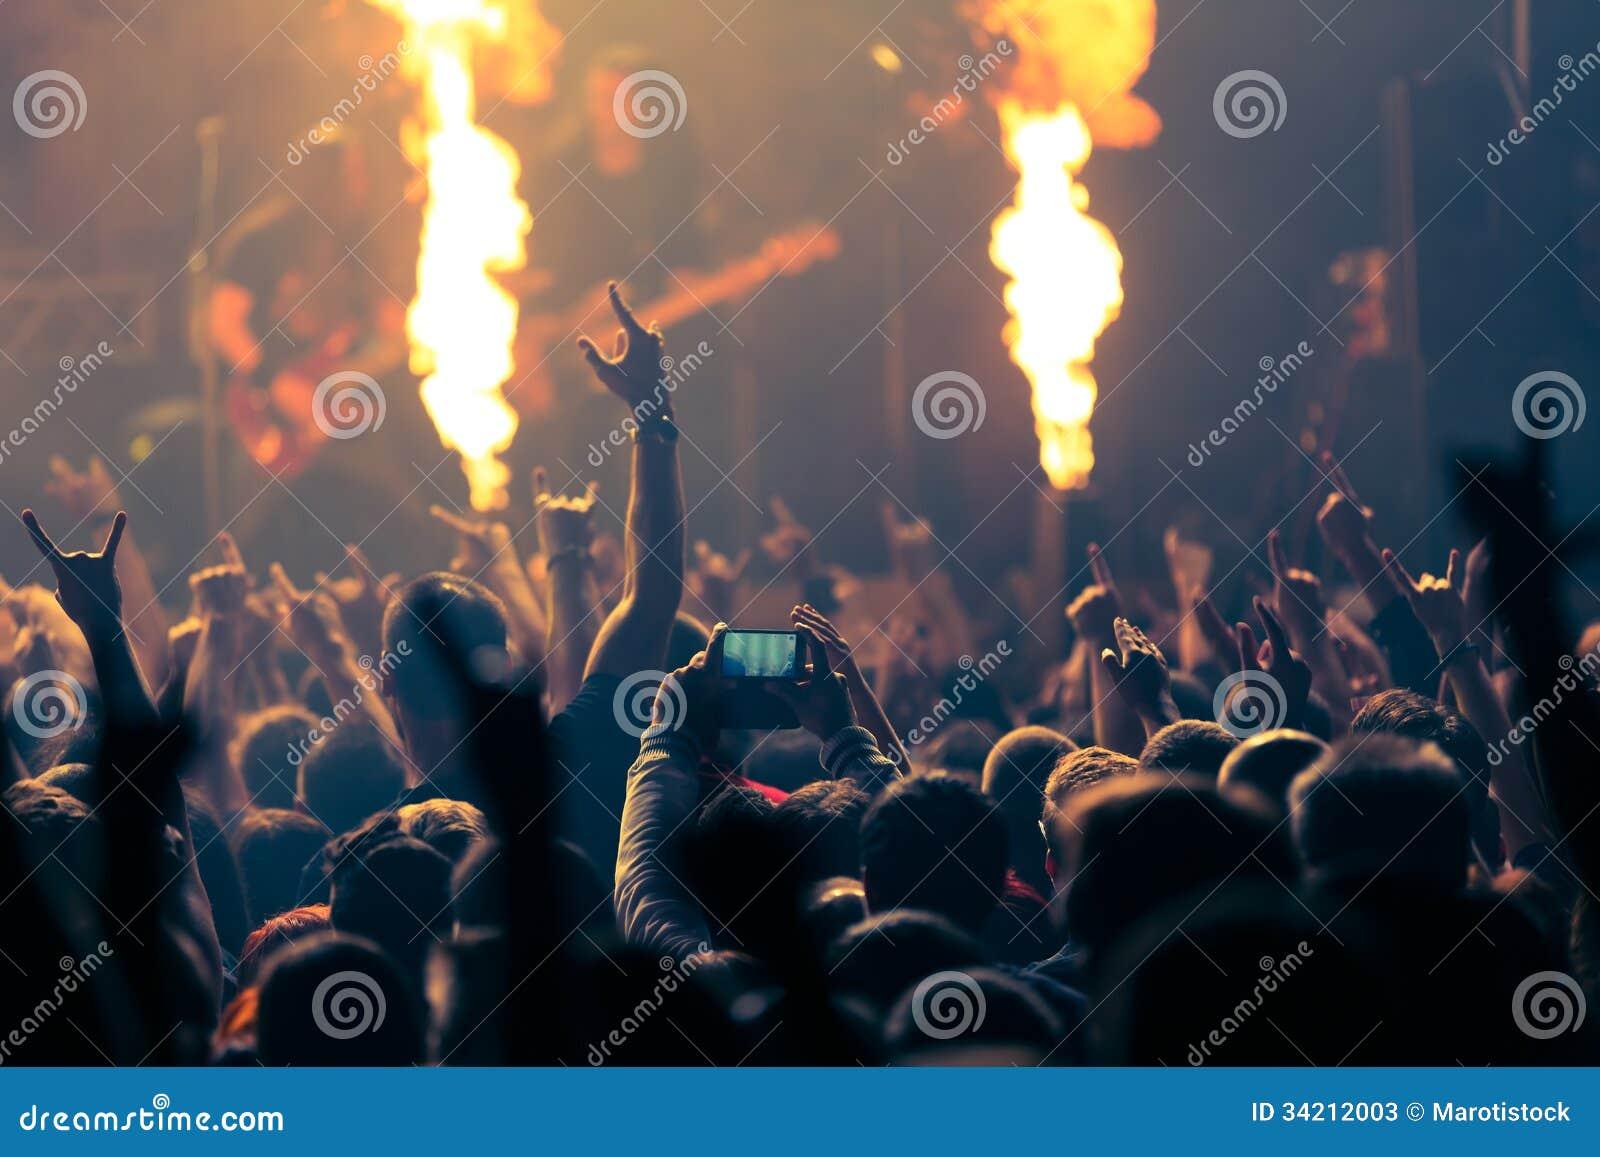 Foto do concerto de rocha